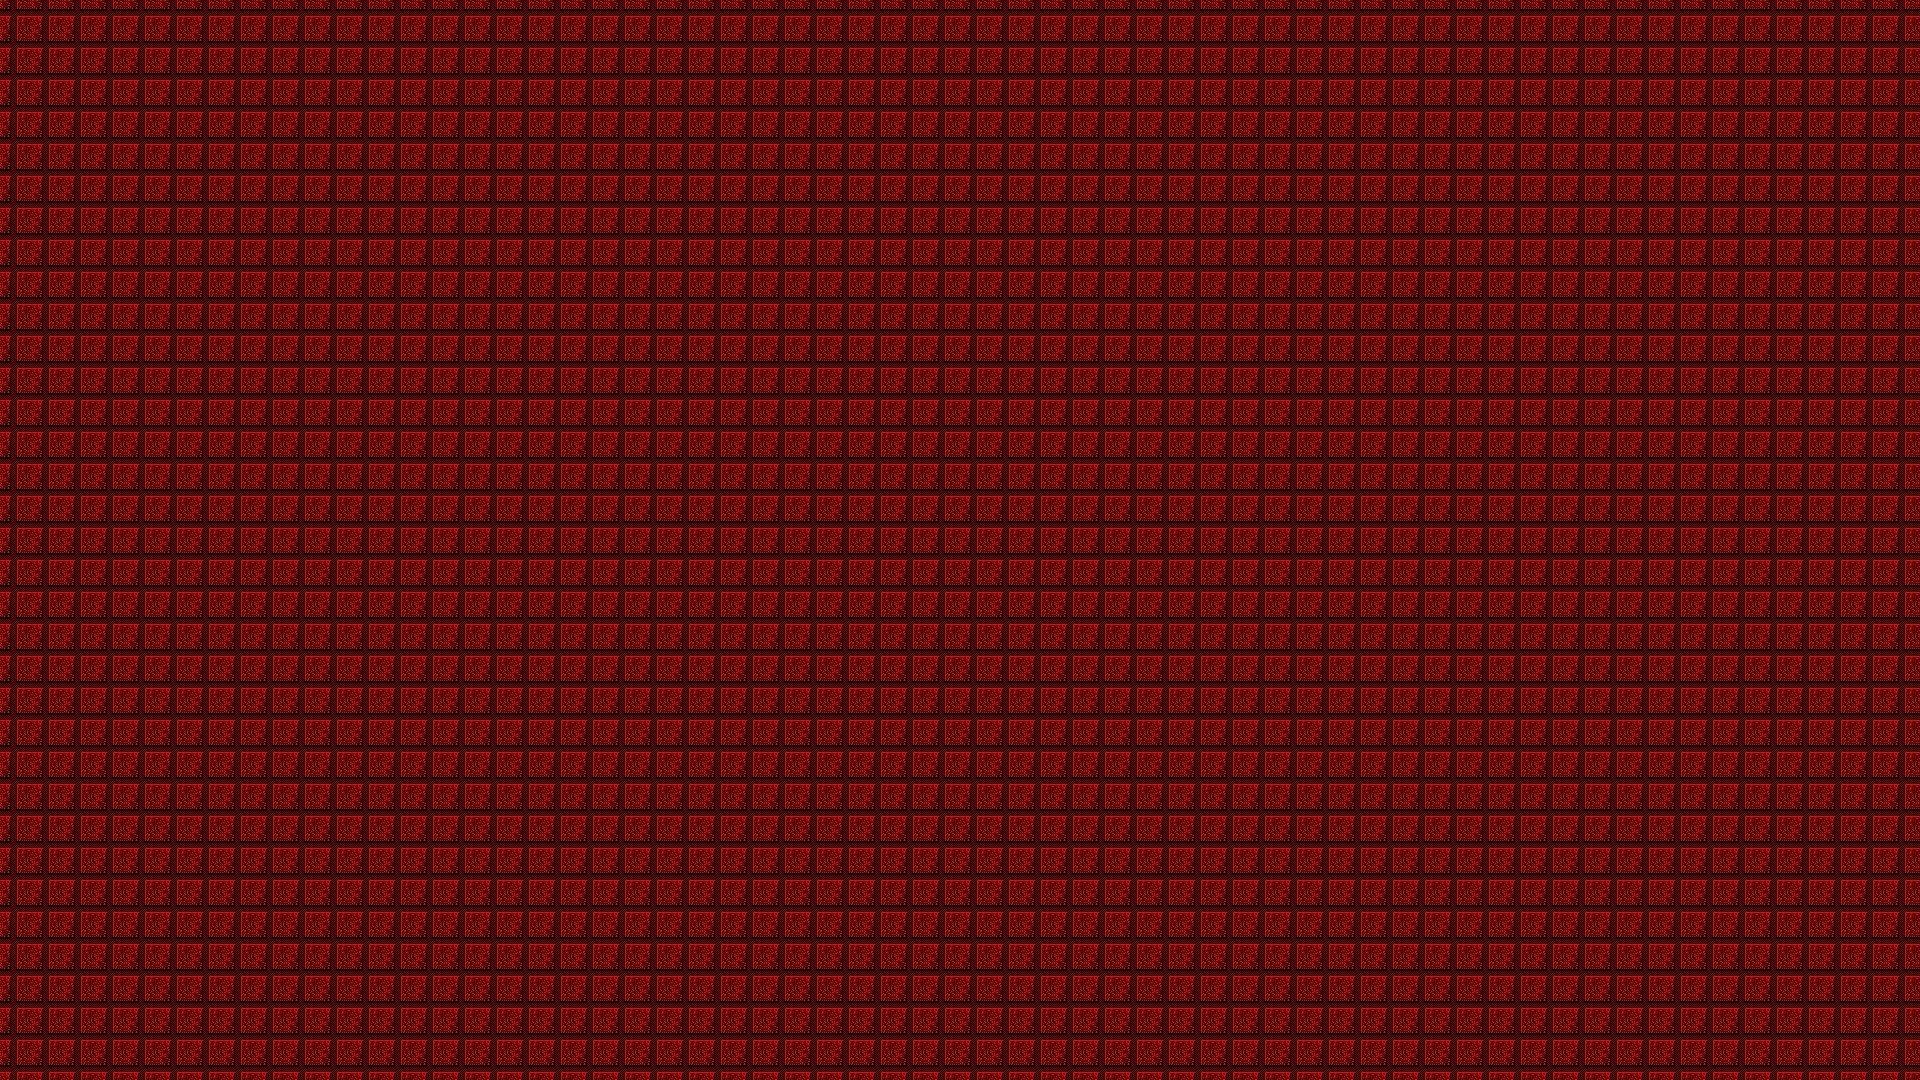 Rosso Hd Wallpaper Sfondi 1920x1080 Id566626 Wallpaper Abyss